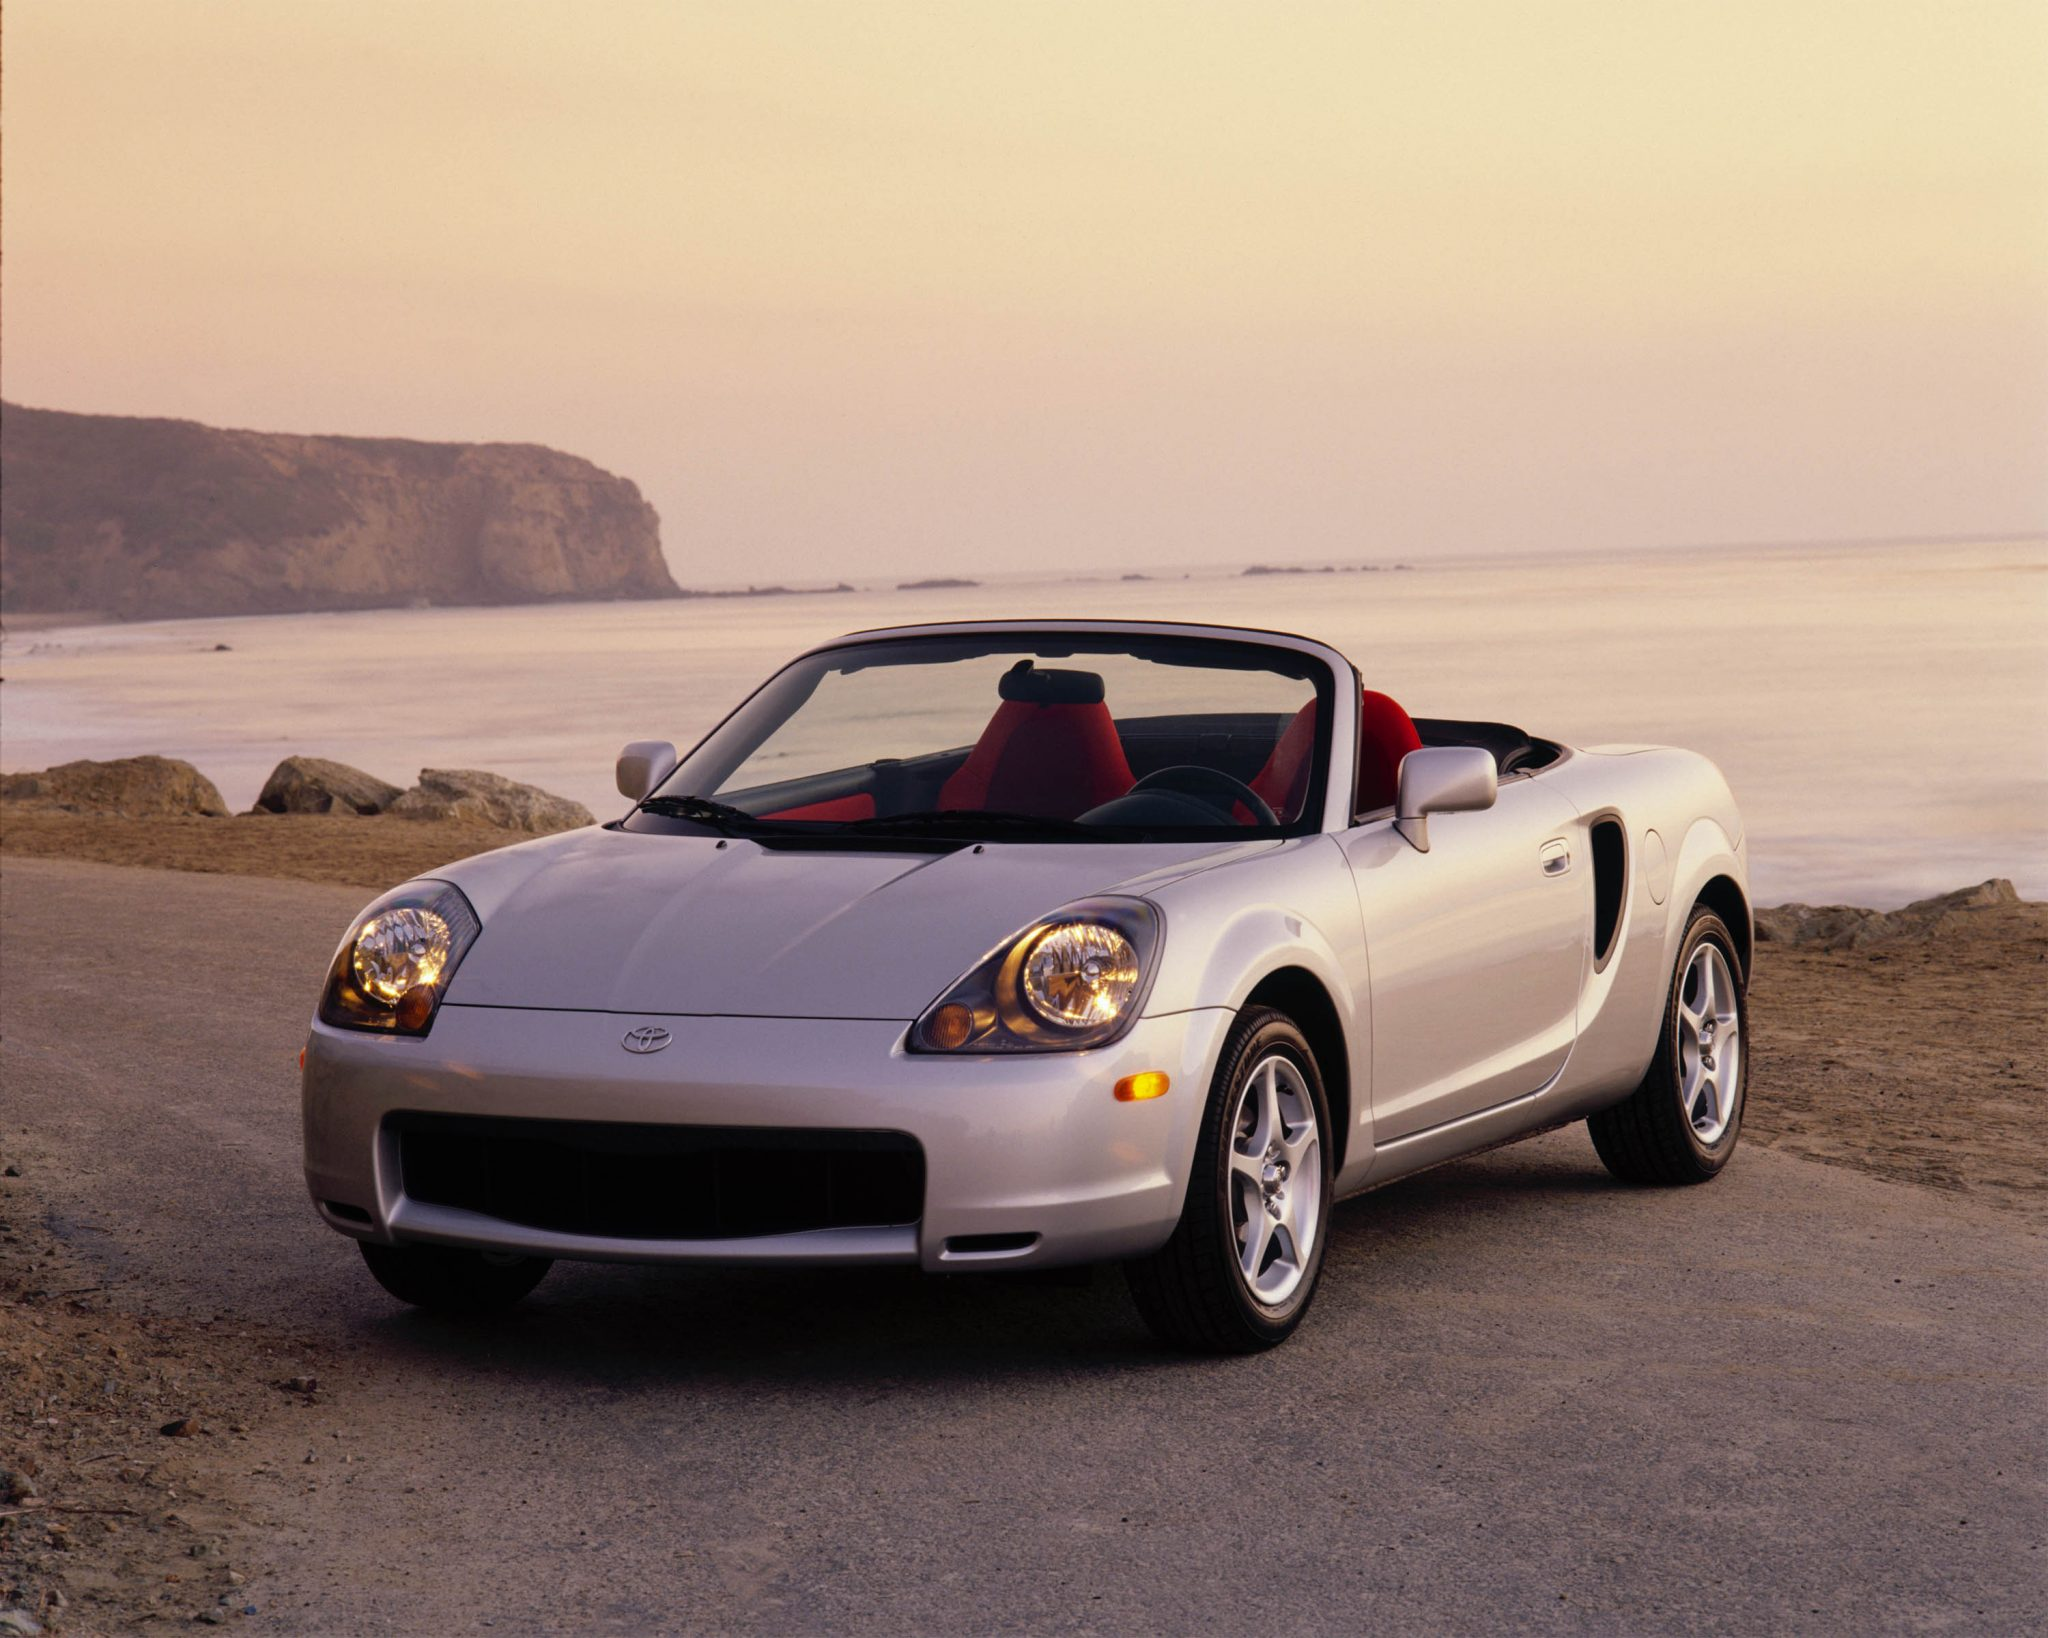 Toyota presentará el Supra en noviembre, y anunciará algo más...